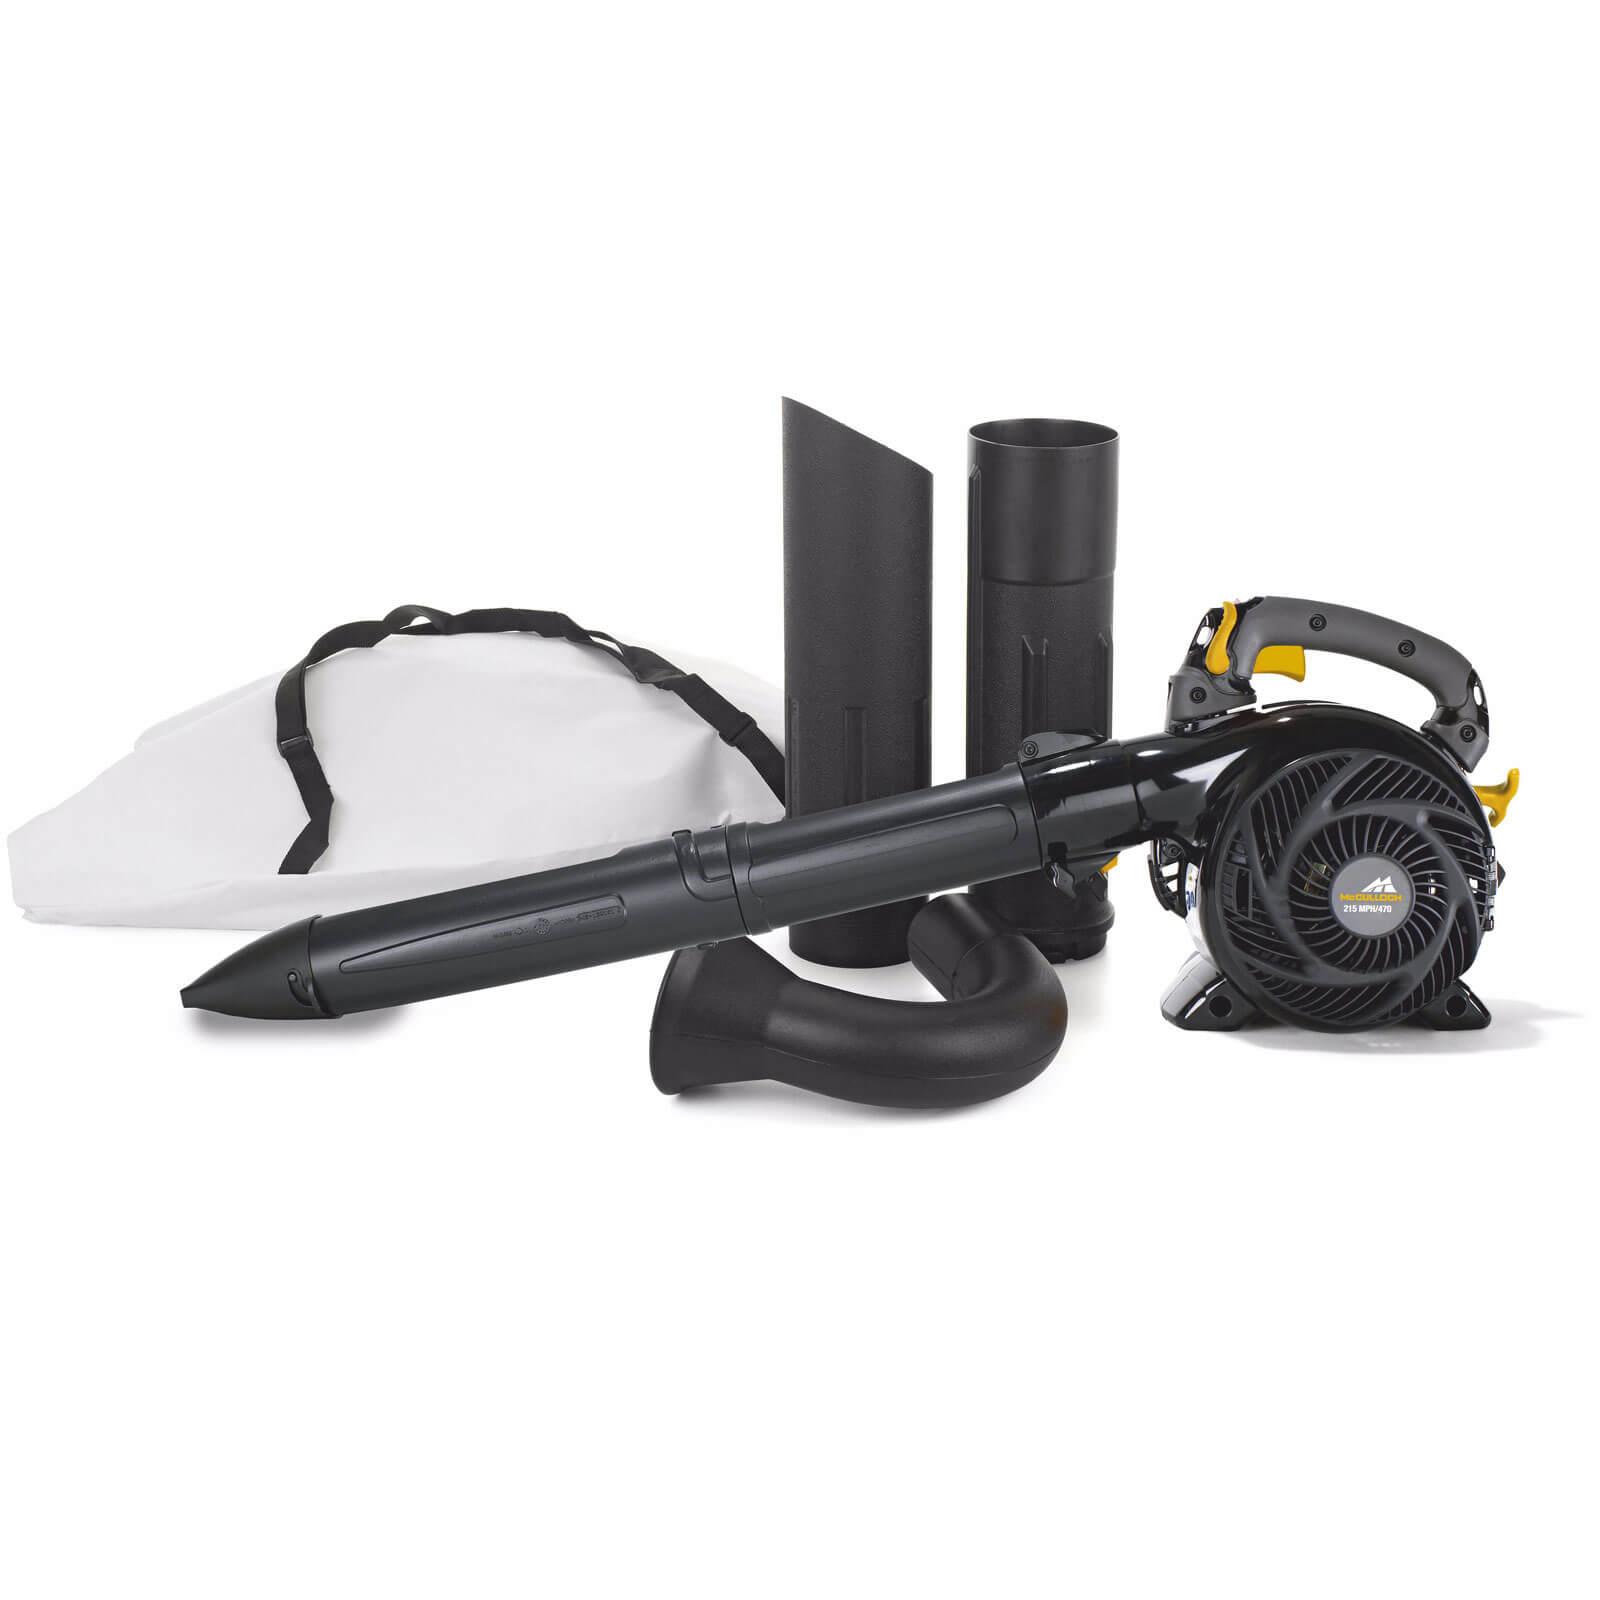 McCulloch GBV 345 Petrol Garden Vacuum & Leaf Blower